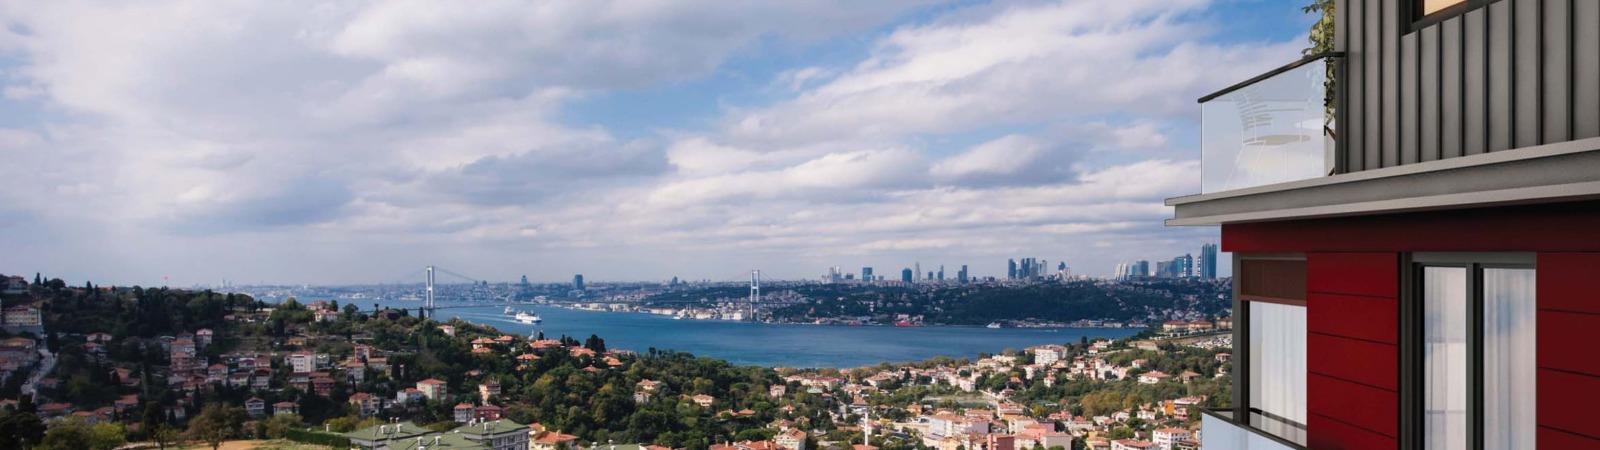 Новый проект в азиатской части Стамбула - Фото 3